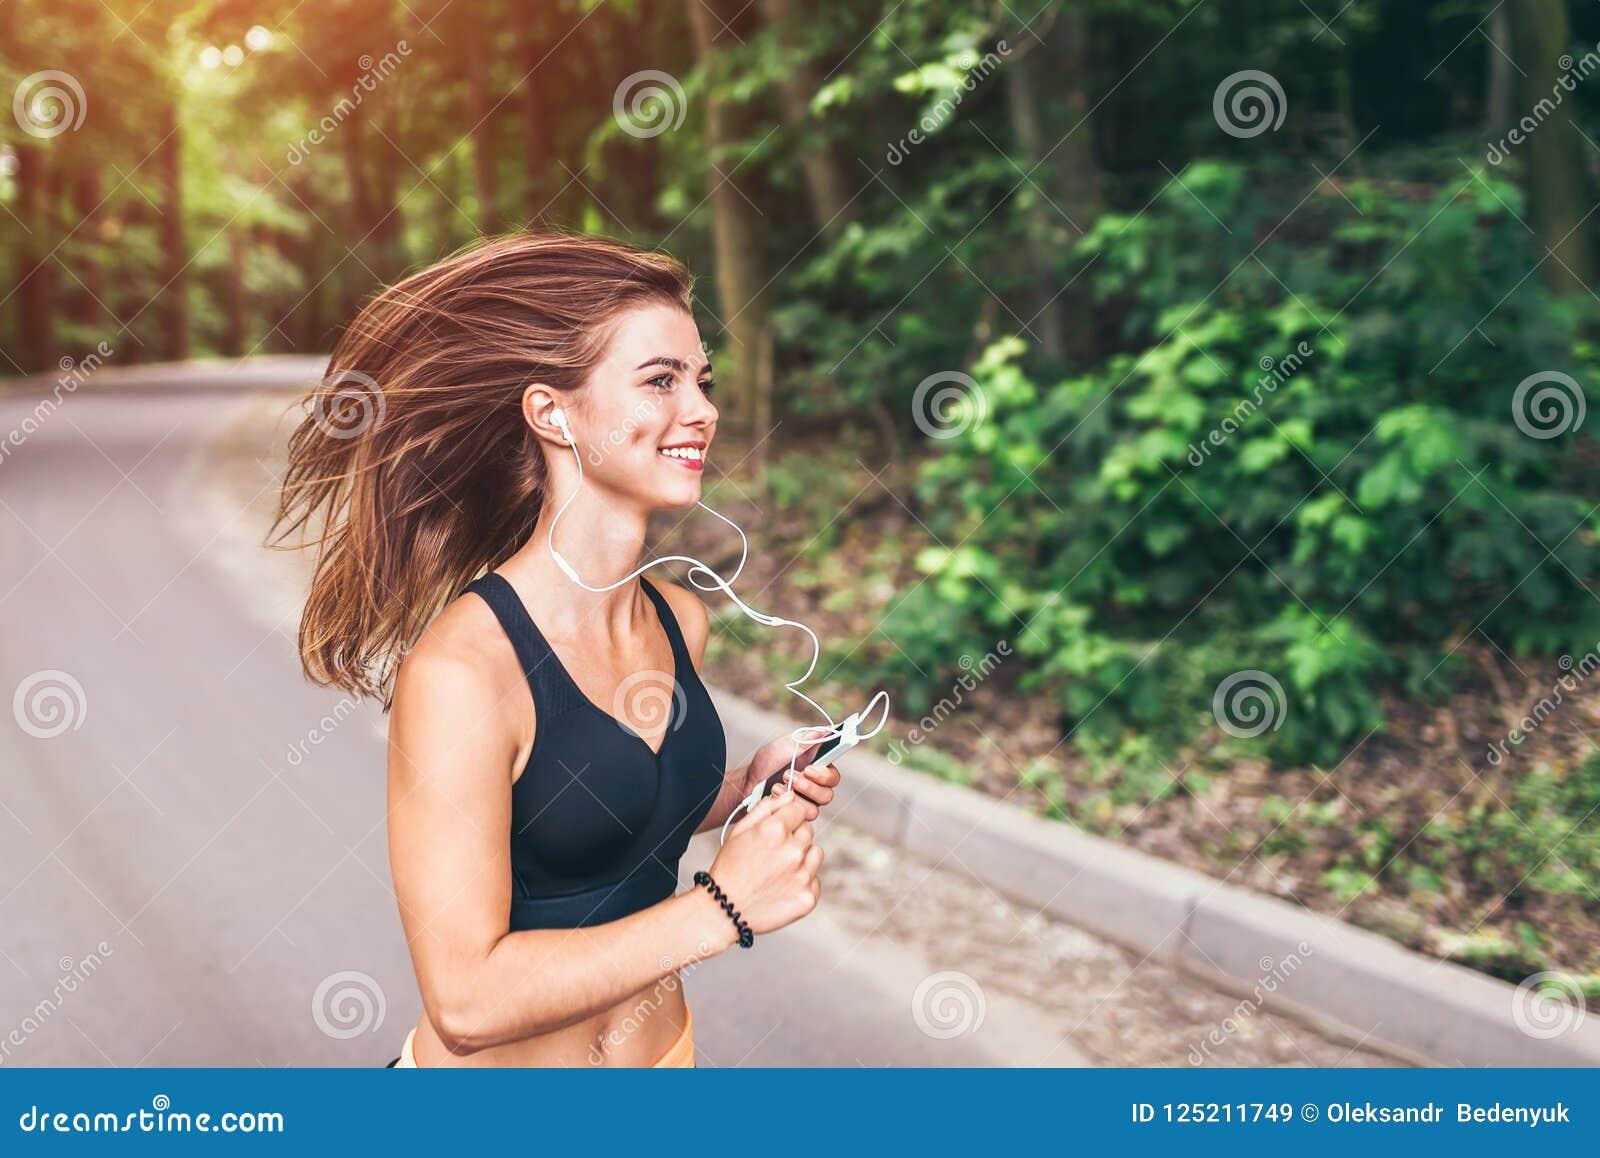 Música de funcionamiento y que escucha de la muchacha joven de la aptitud en el parque